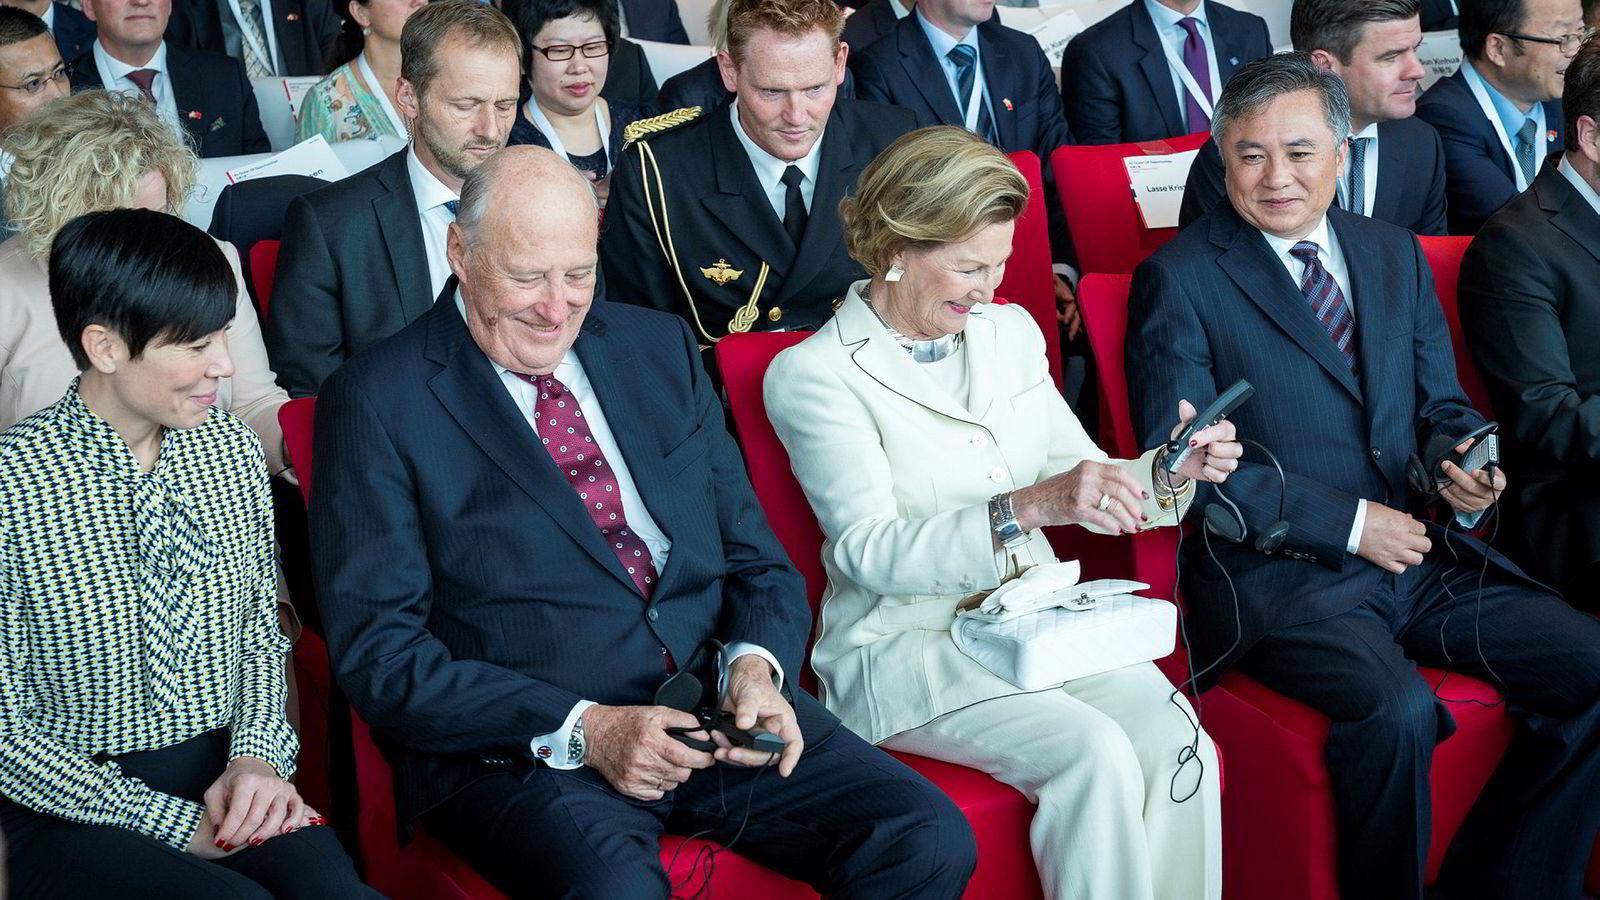 Forholdet mellom Norge og Kina er normalisert med besøk på høyt nivå til begge land. Nå gjør norsk næringsliv seg klar til en av de største utenlandssatsingene med et næringslivsseminar hvor norsk havteknologi skal selges inn i Asia.